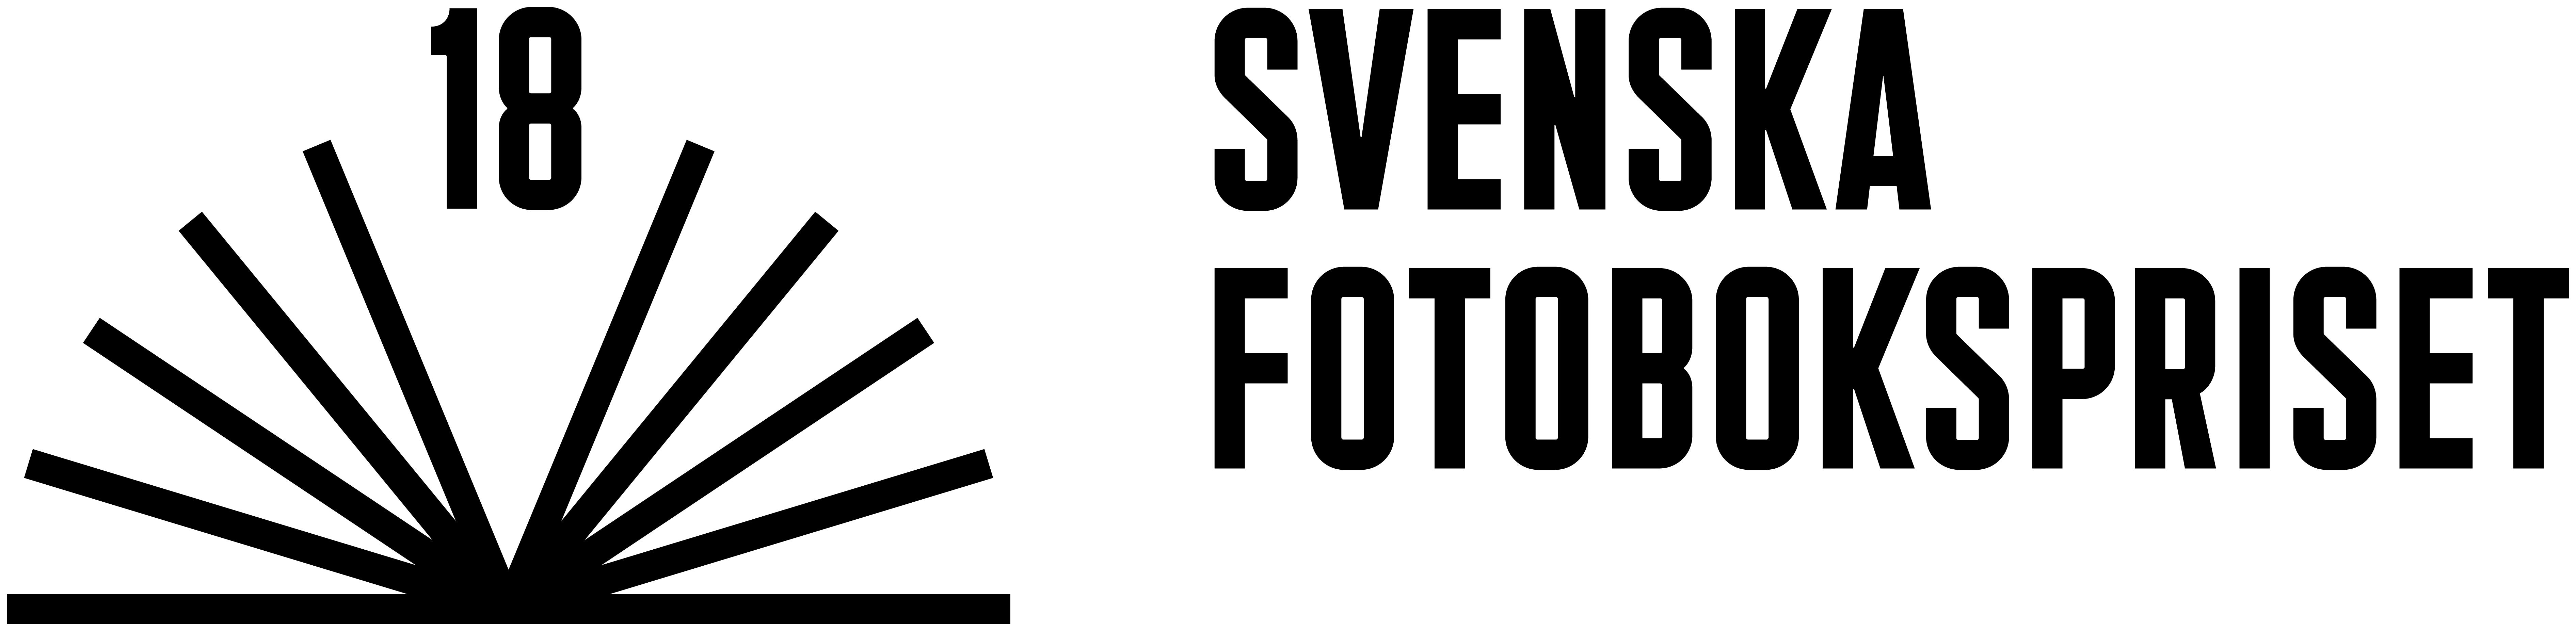 De nominerade böckerna i Svenska Fotobokspriset 2018